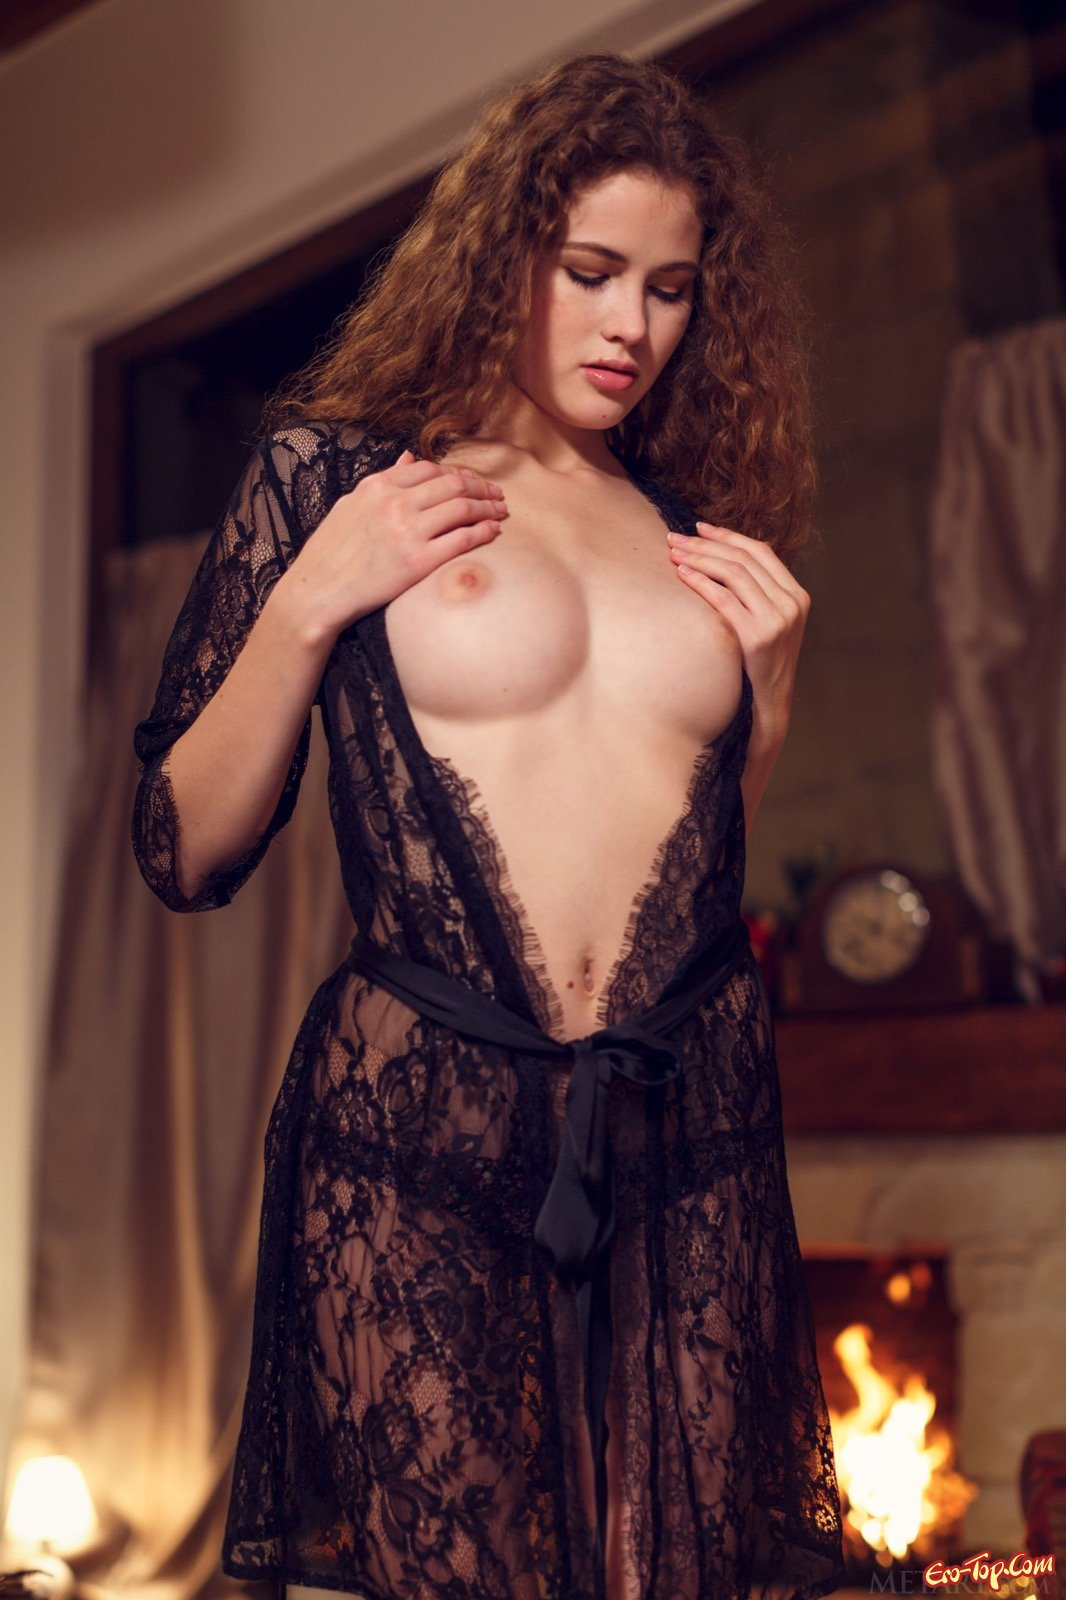 Кудрявая девица в кружевном халатике на голое тело